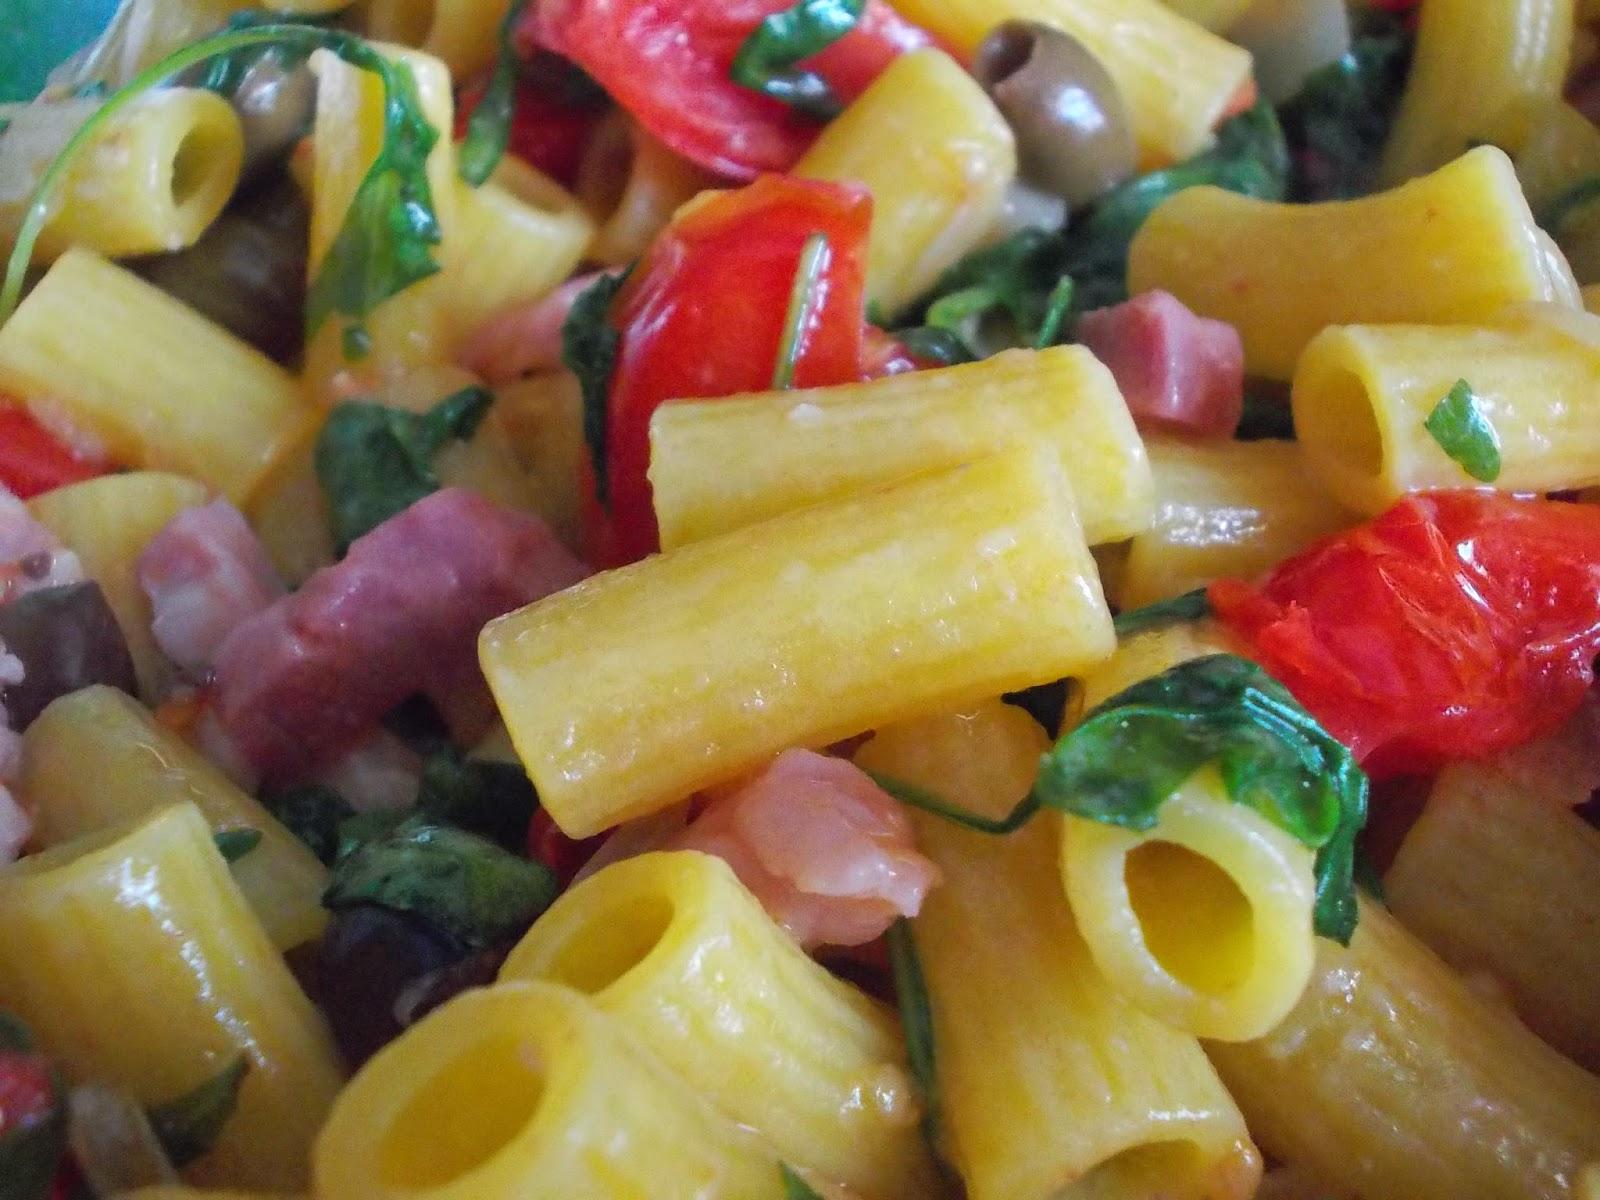 insalata tiepida di maccheroncini all'uovo ai sapori mediterranei